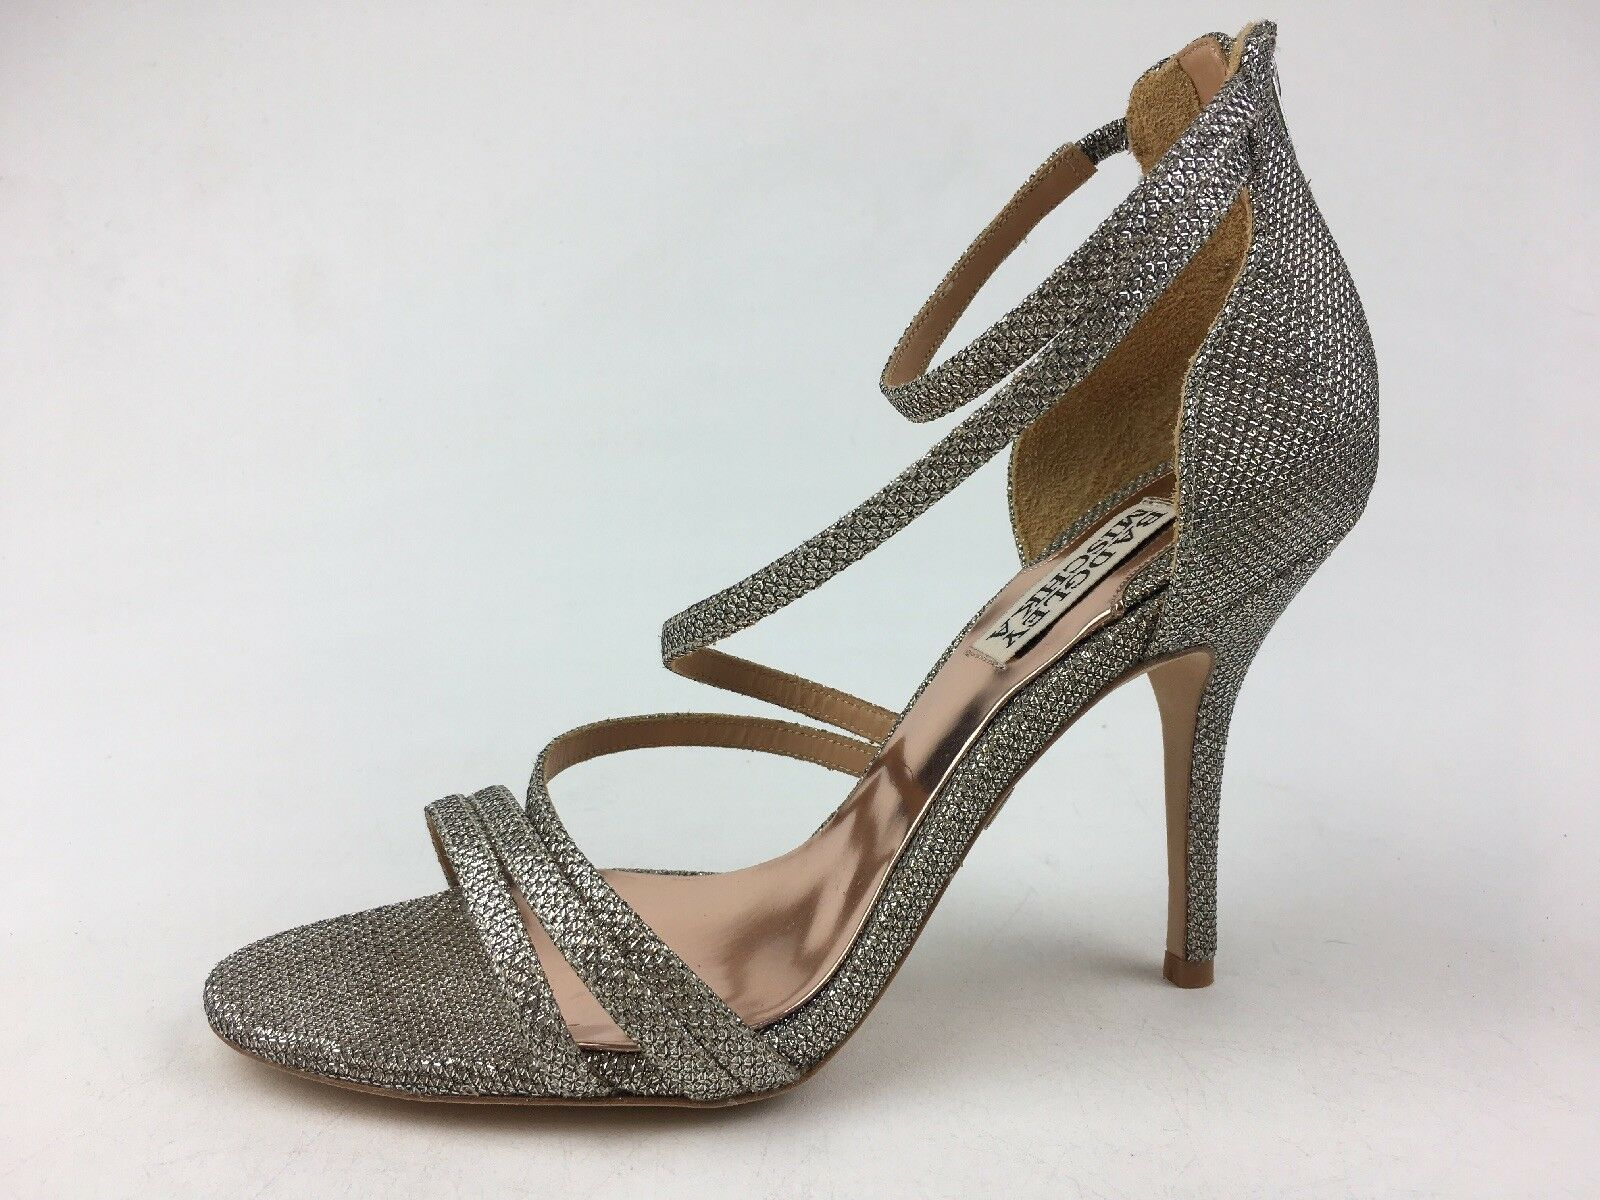 autorizzazione ufficiale Badgley Mischka Landmark Heel Sandals - Donna  Dimensione 7.5 7.5 7.5 M, Platino 1268  vendita economica